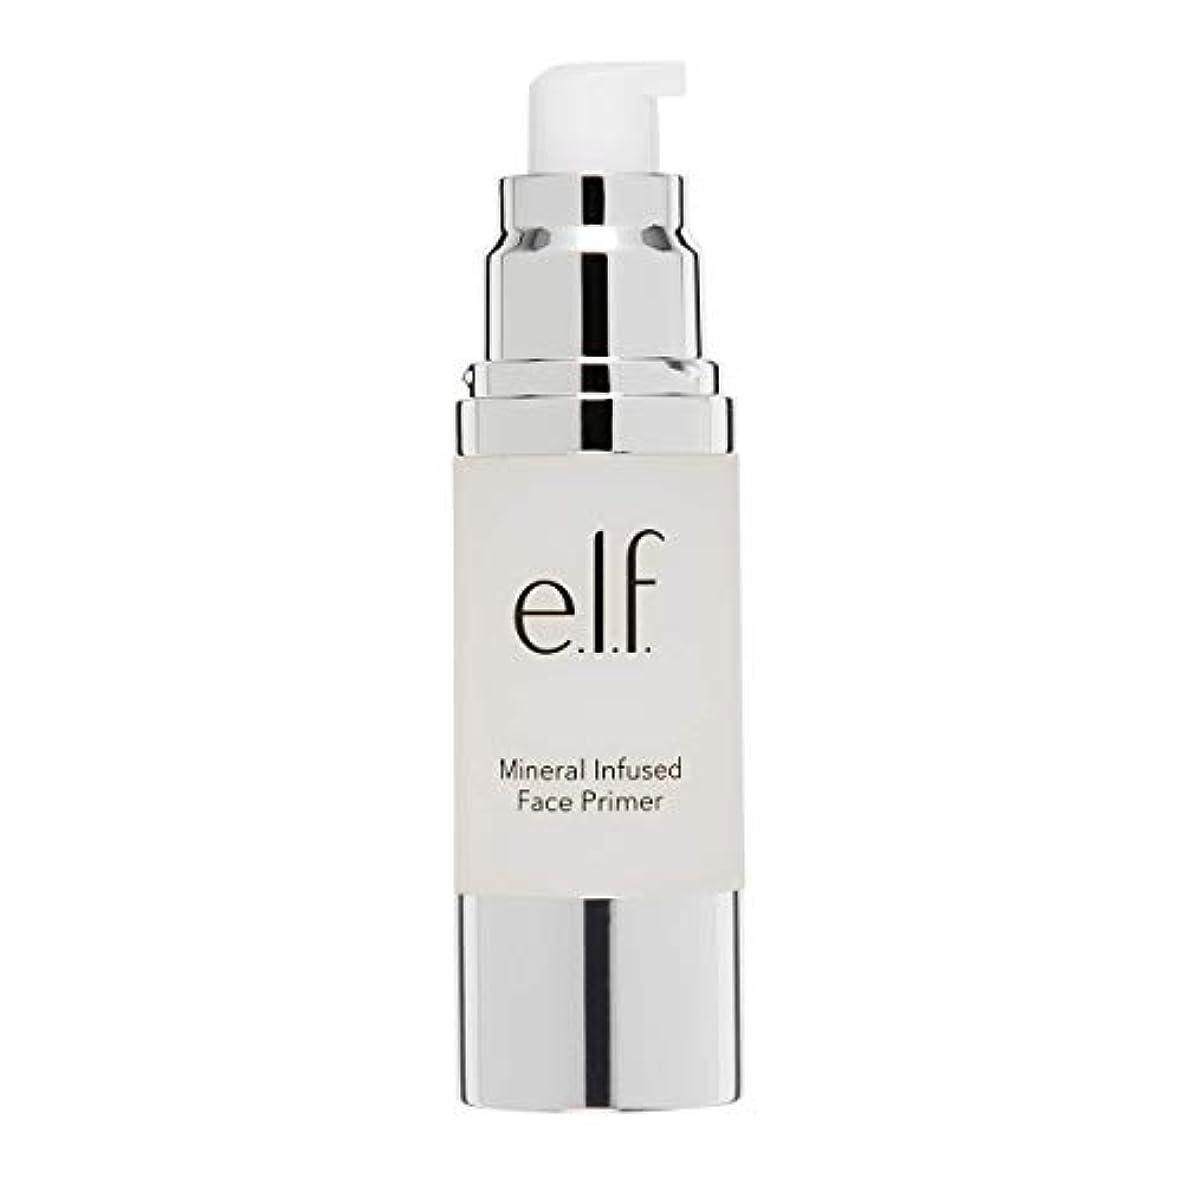 最も早いリビジョン面積e.l.f. Mineral Infused Face Primer Large - Clear (並行輸入品)